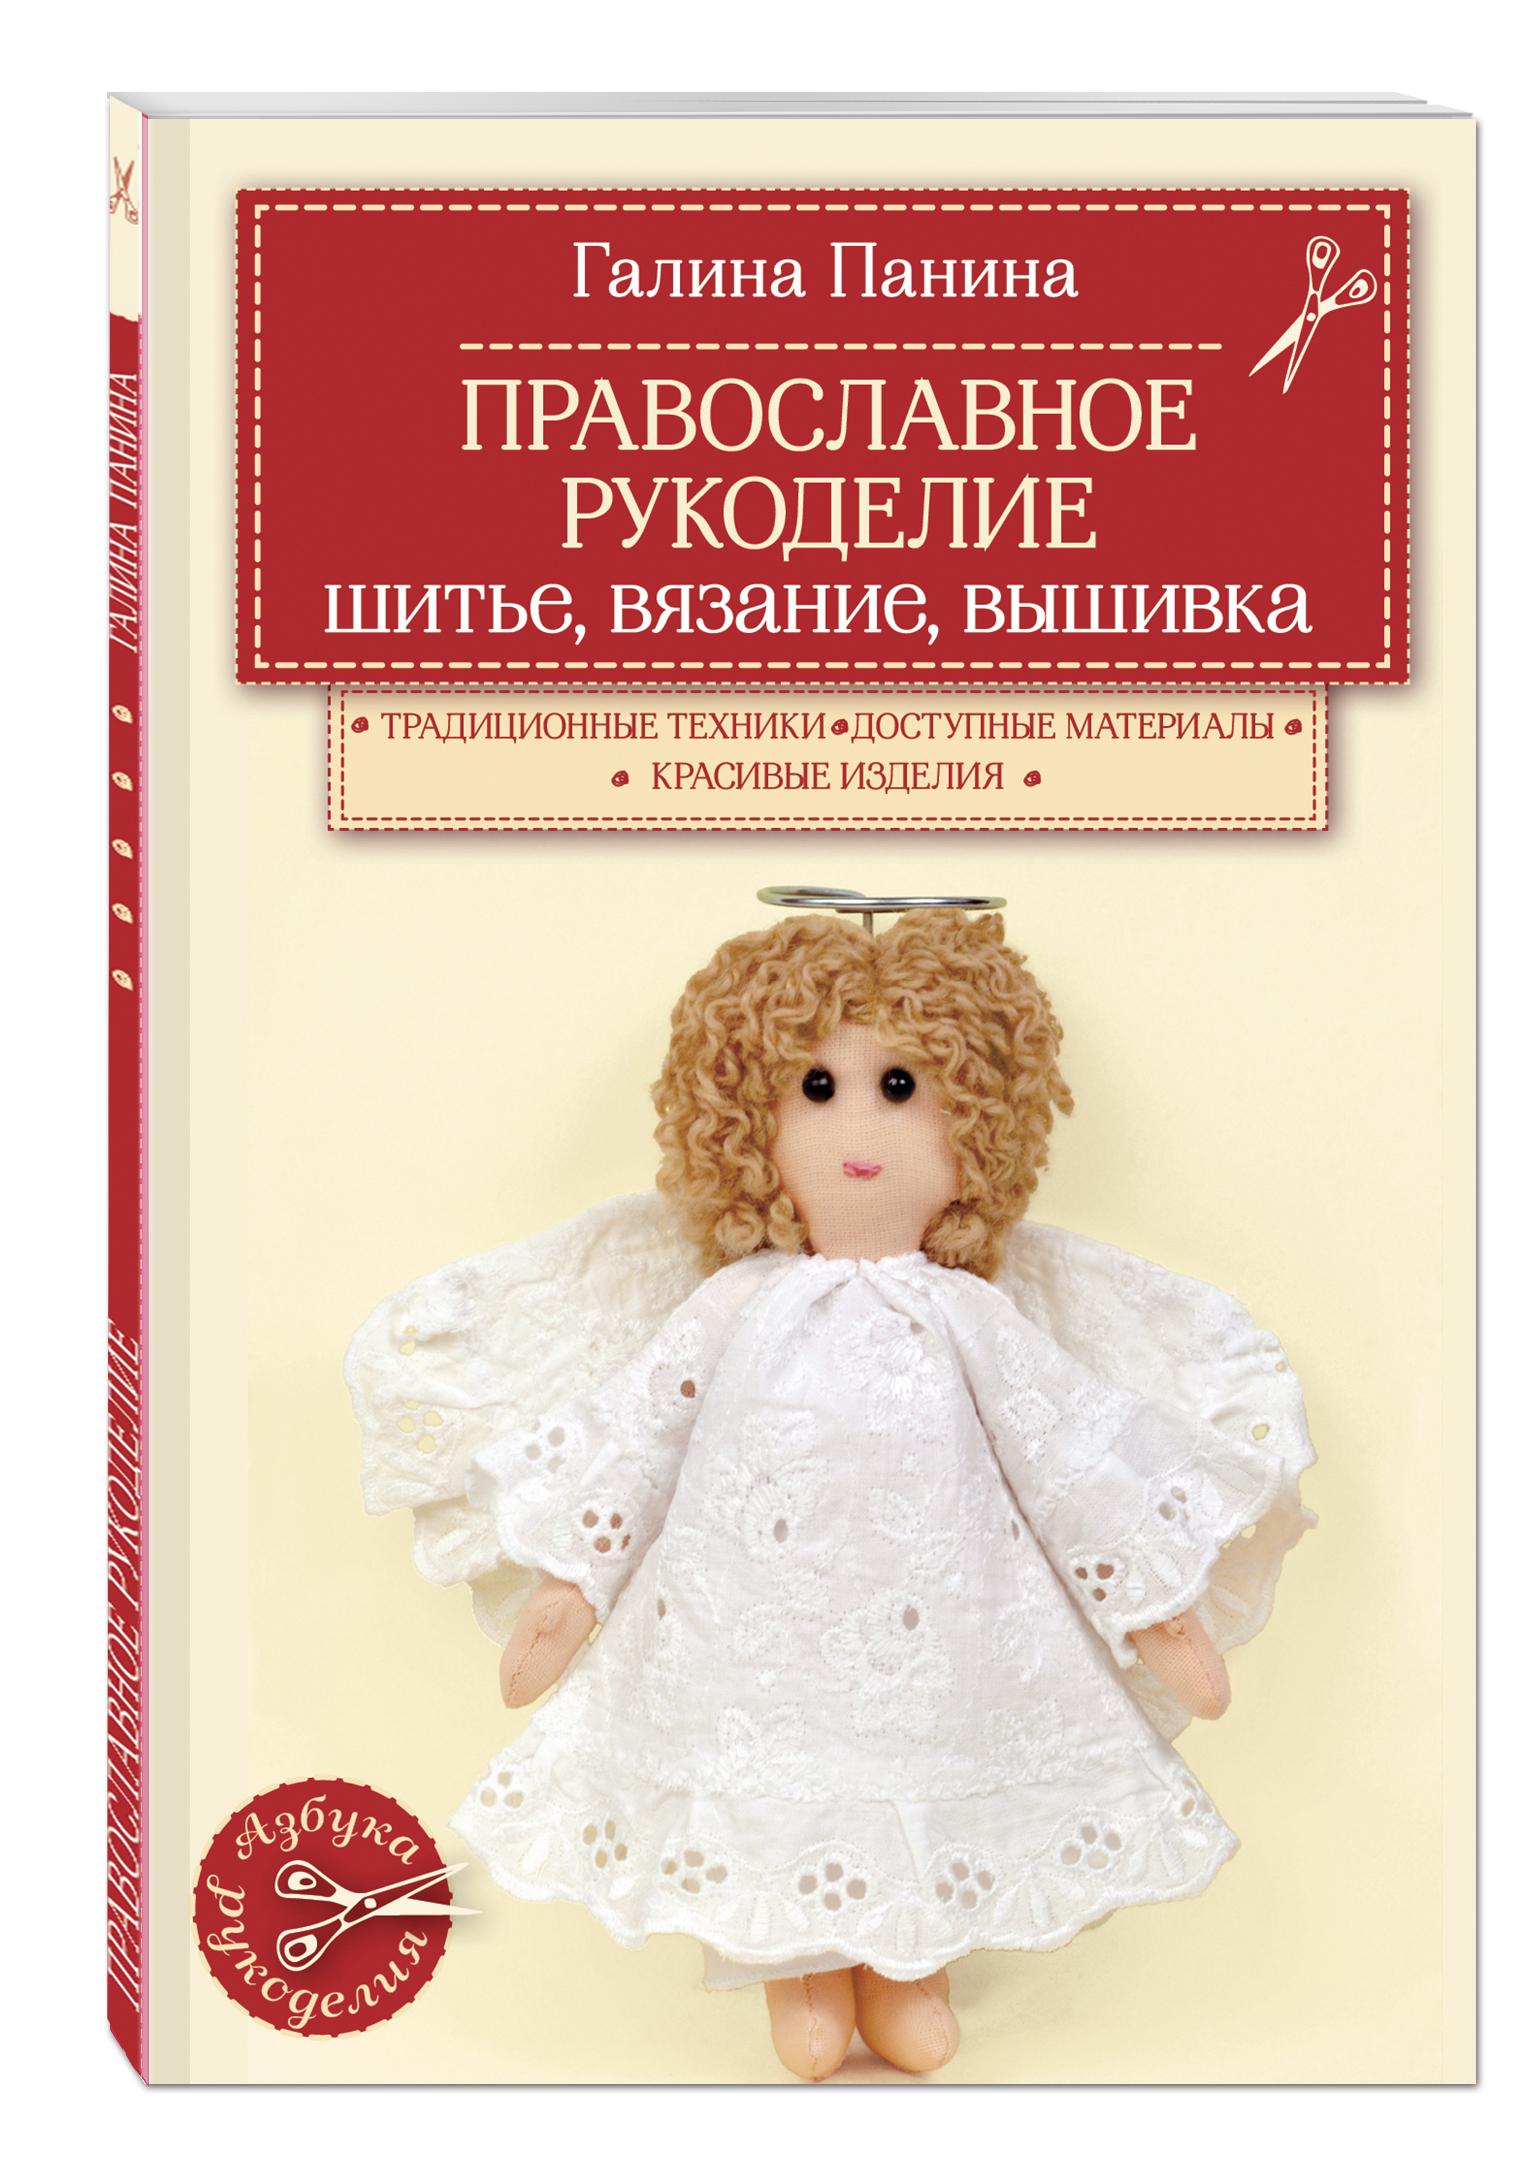 Православное рукоделие. Шитье, вязание, вышивка